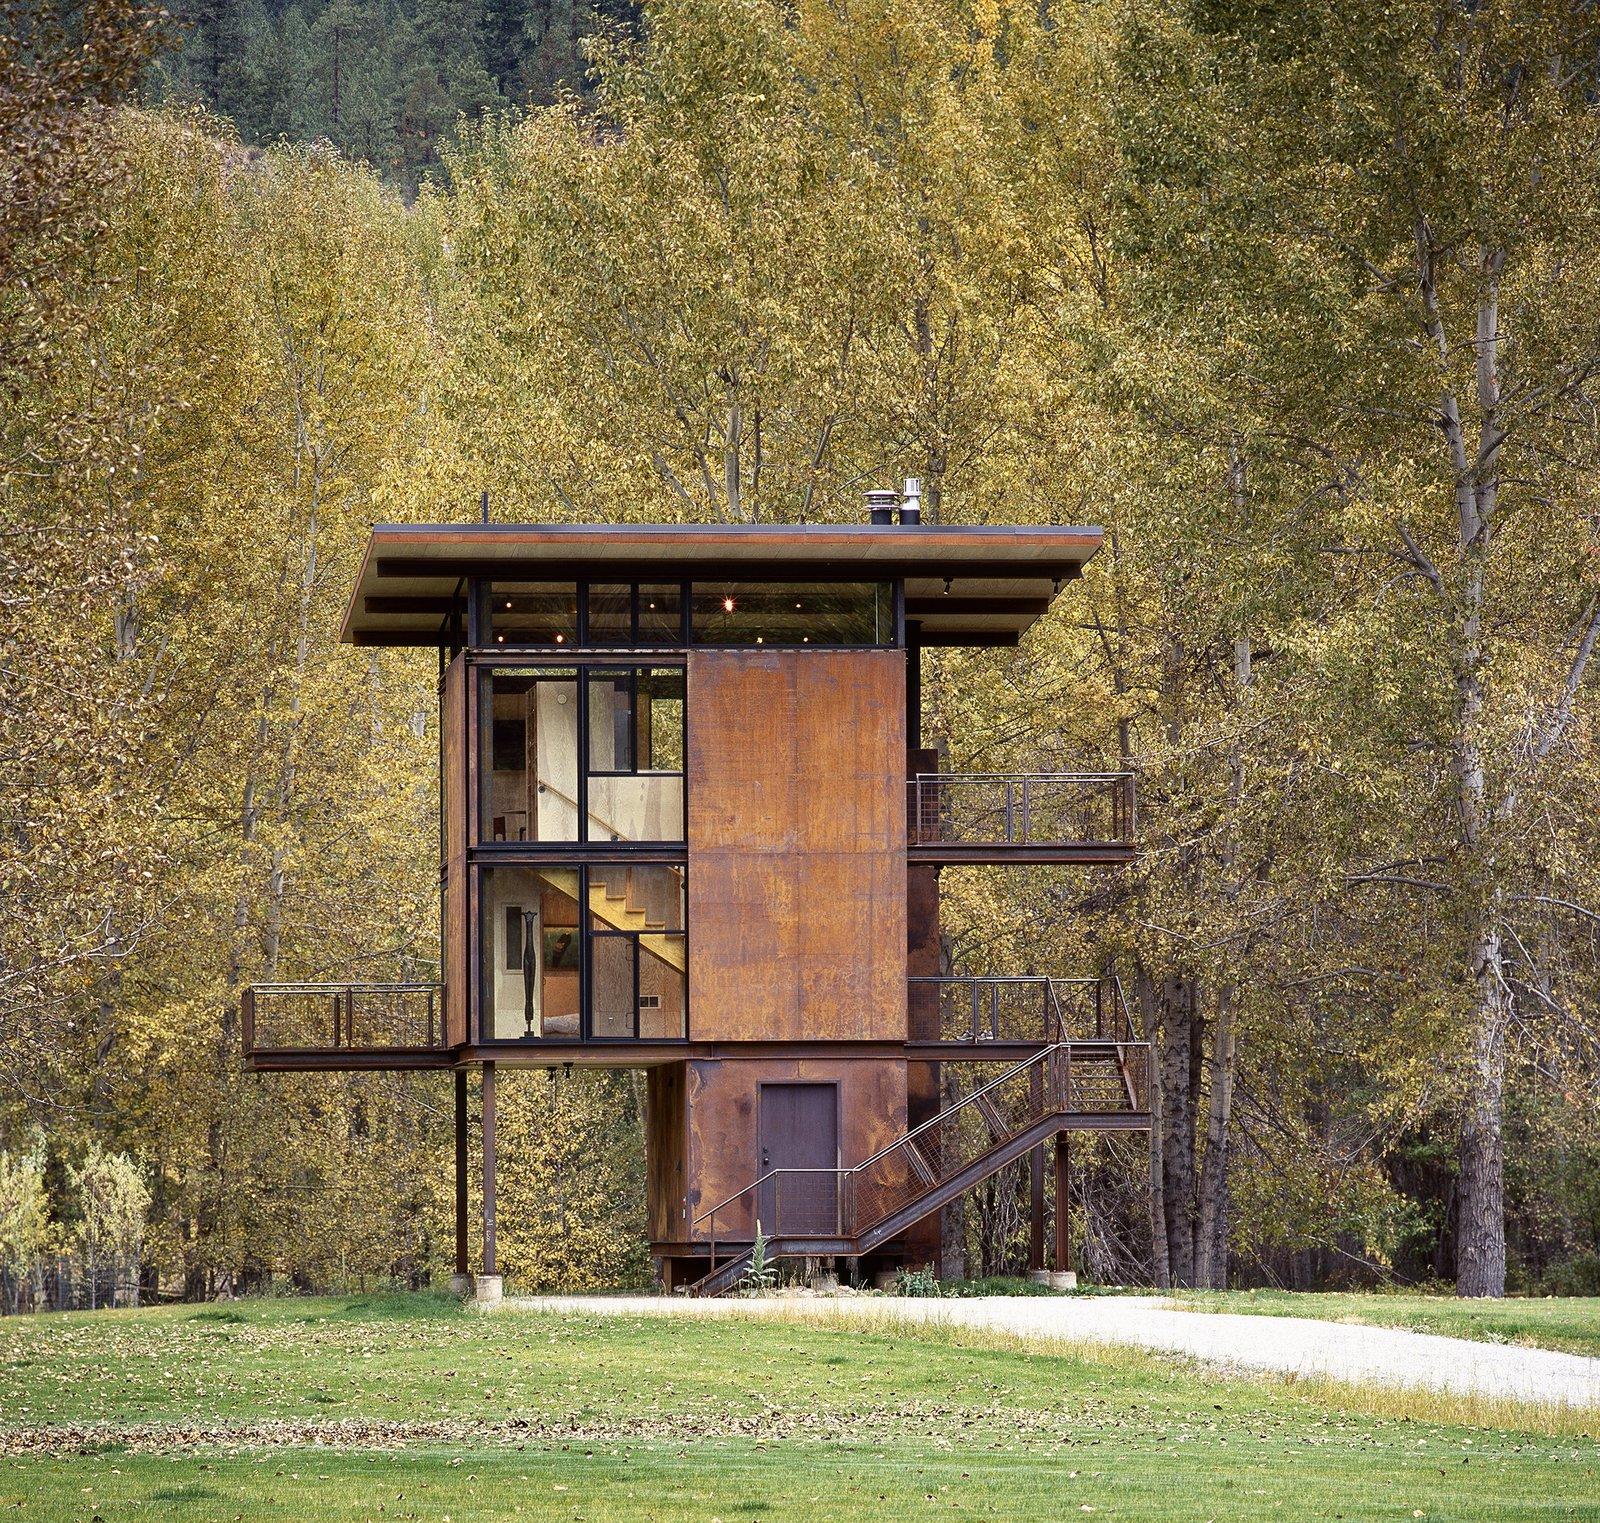 Delta Shelter | Olson Kundig  Delta Shelter by Olson Kundig